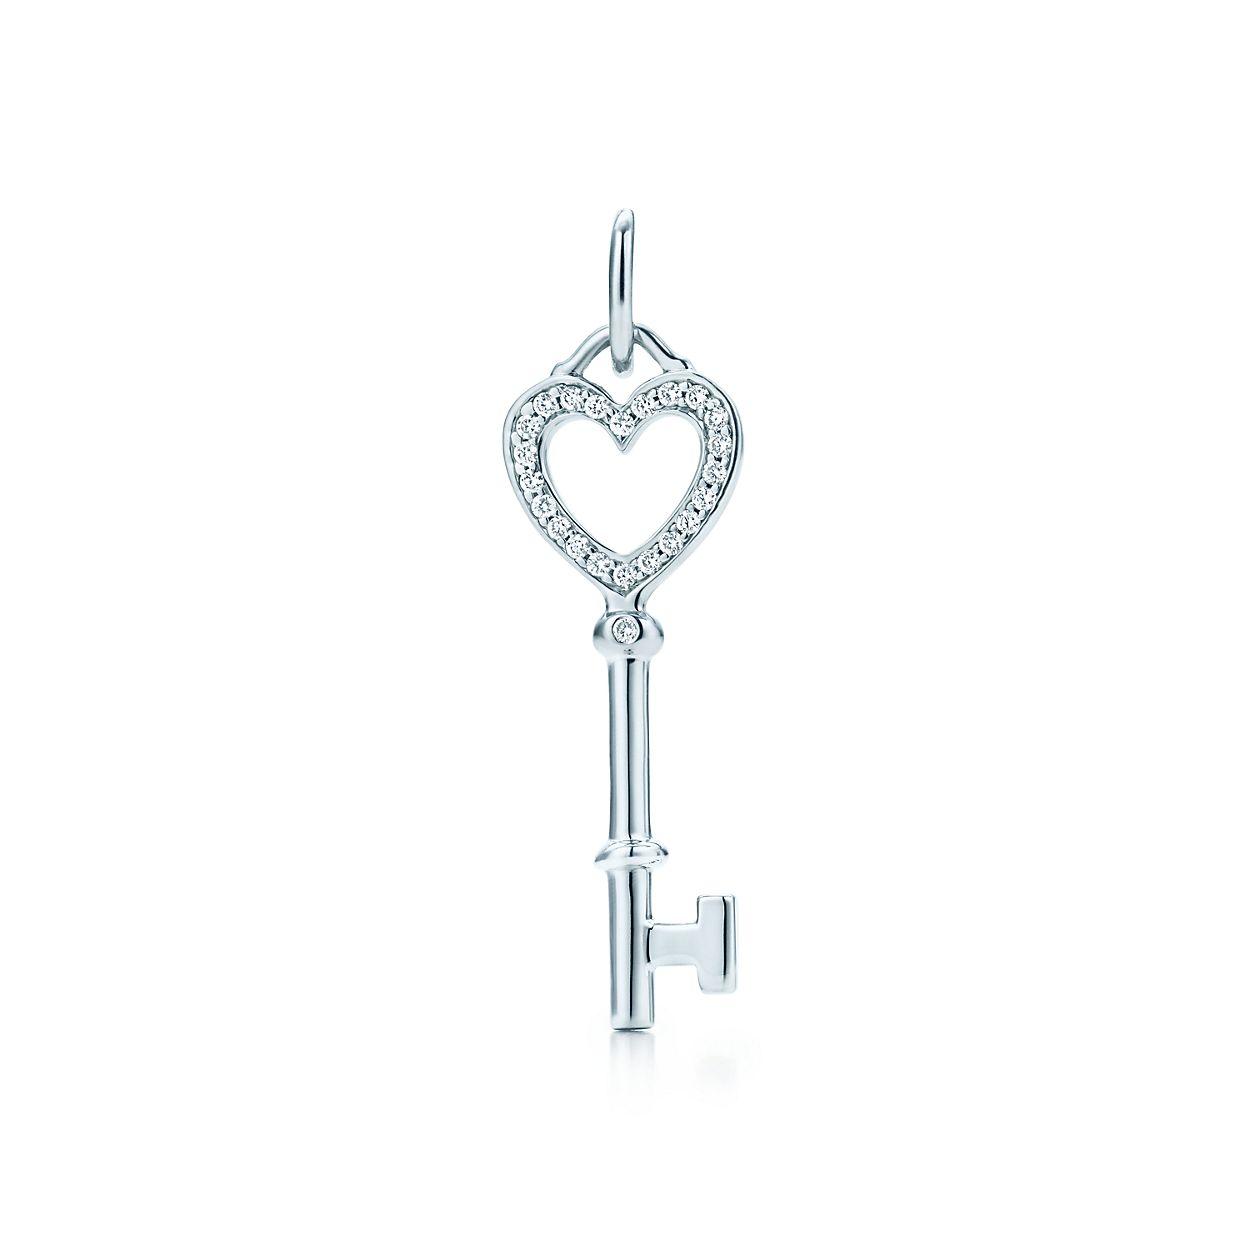 Tiffany Keys heart key pendant in 18k white gold with diamonds, mini Tiffany & Co.